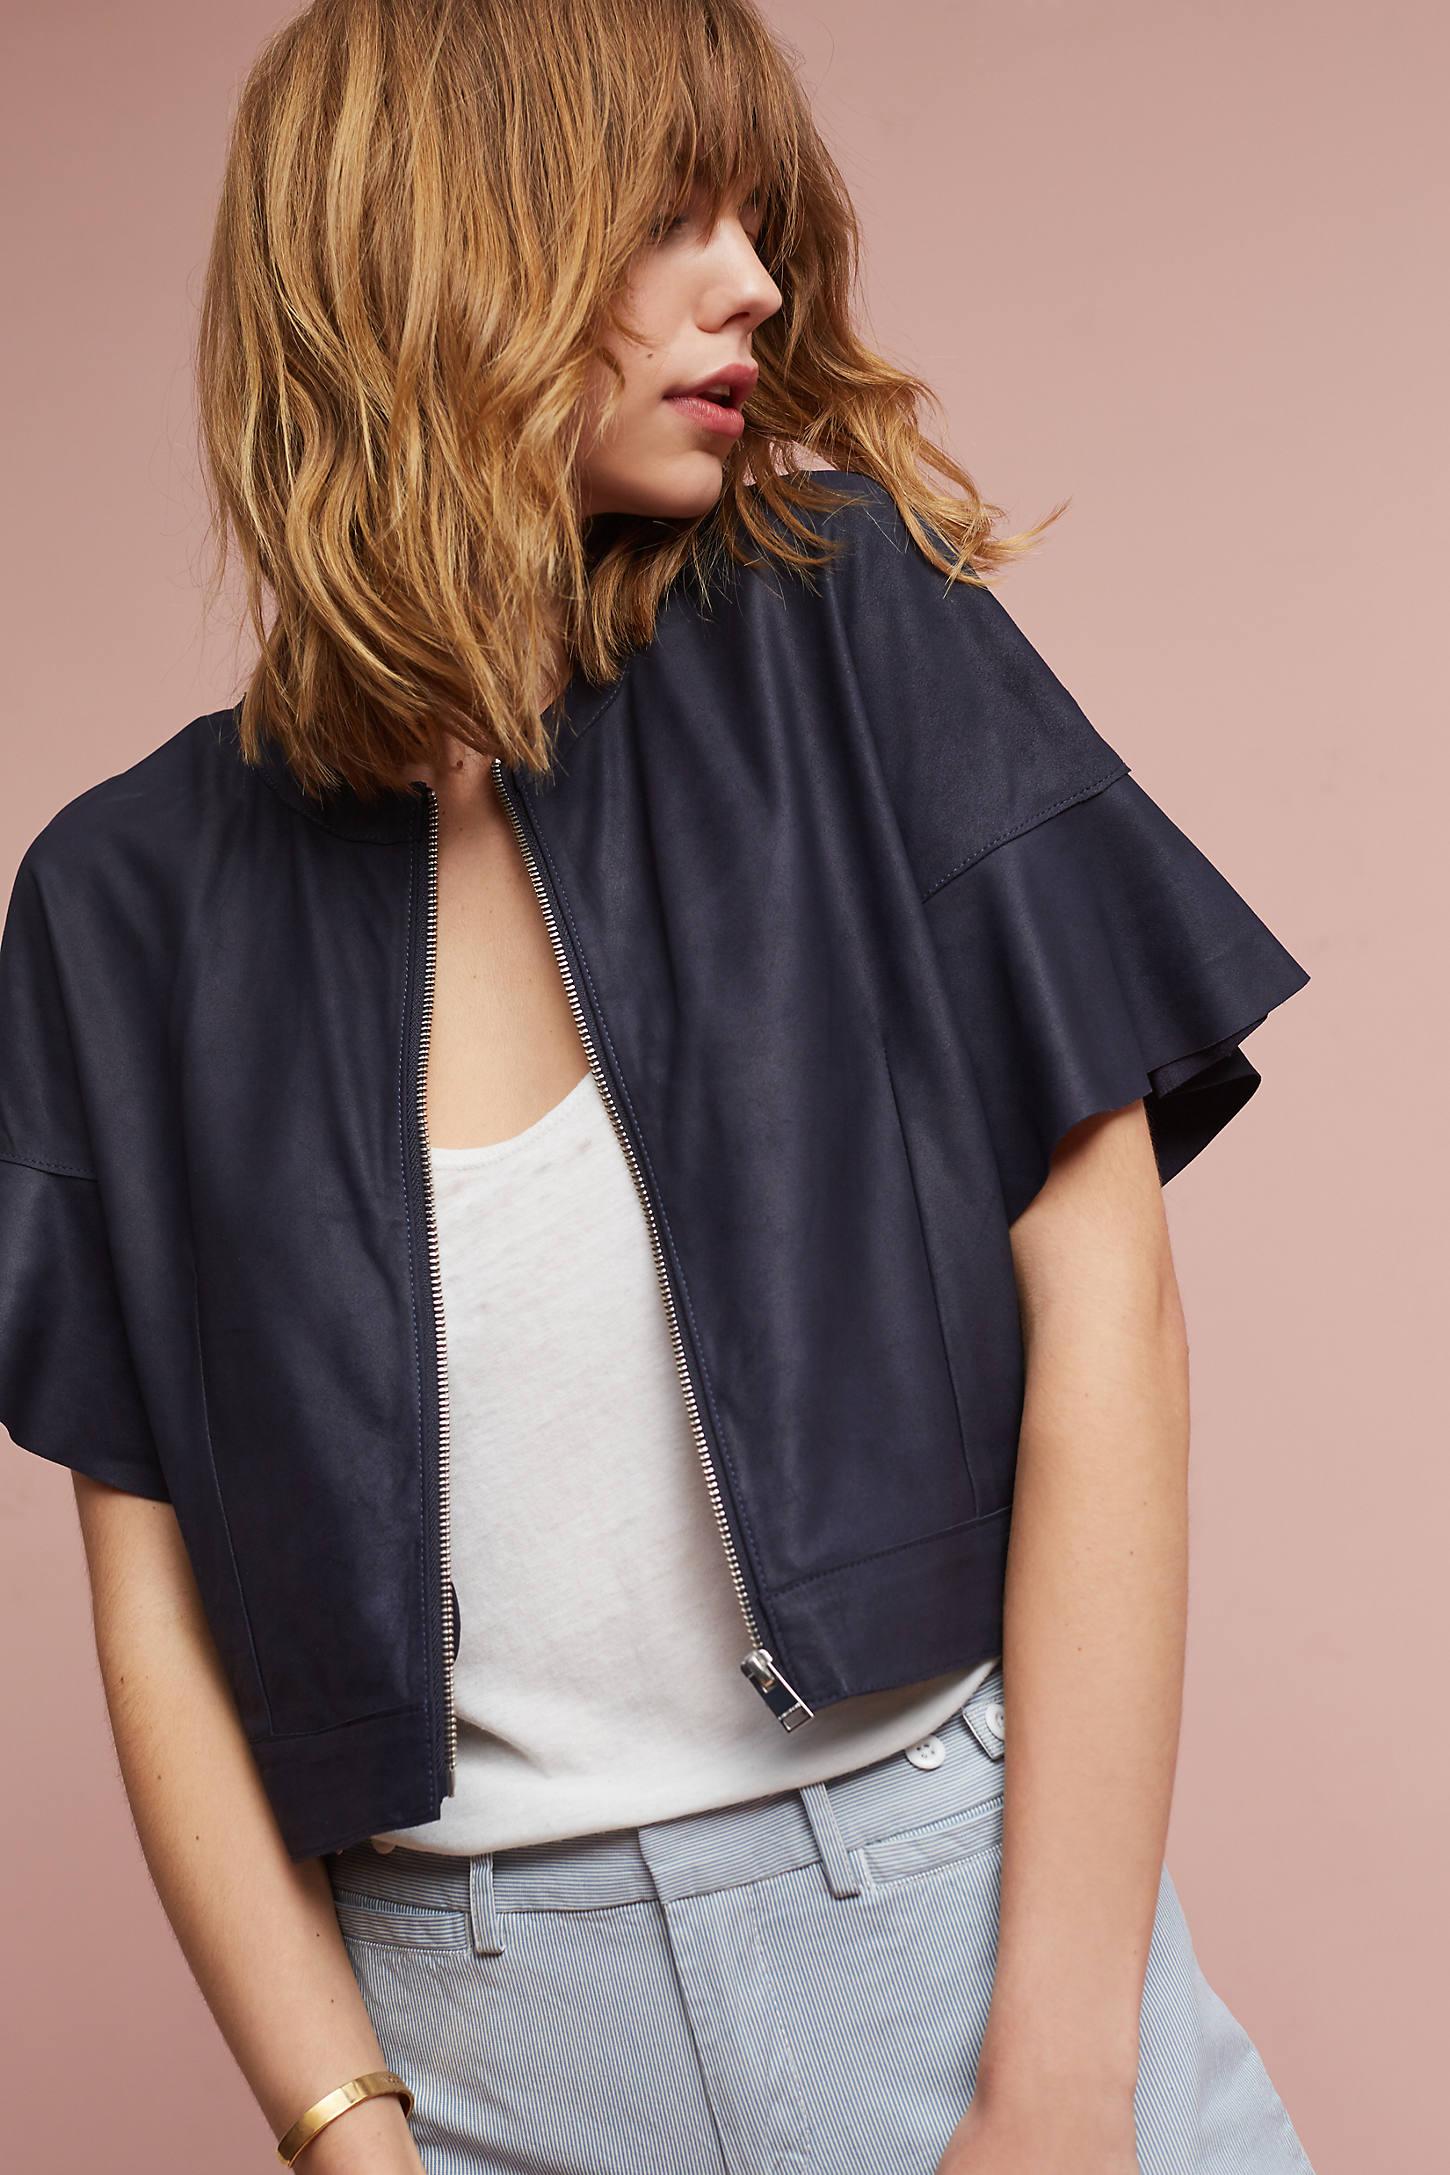 Anona Leather Jacket